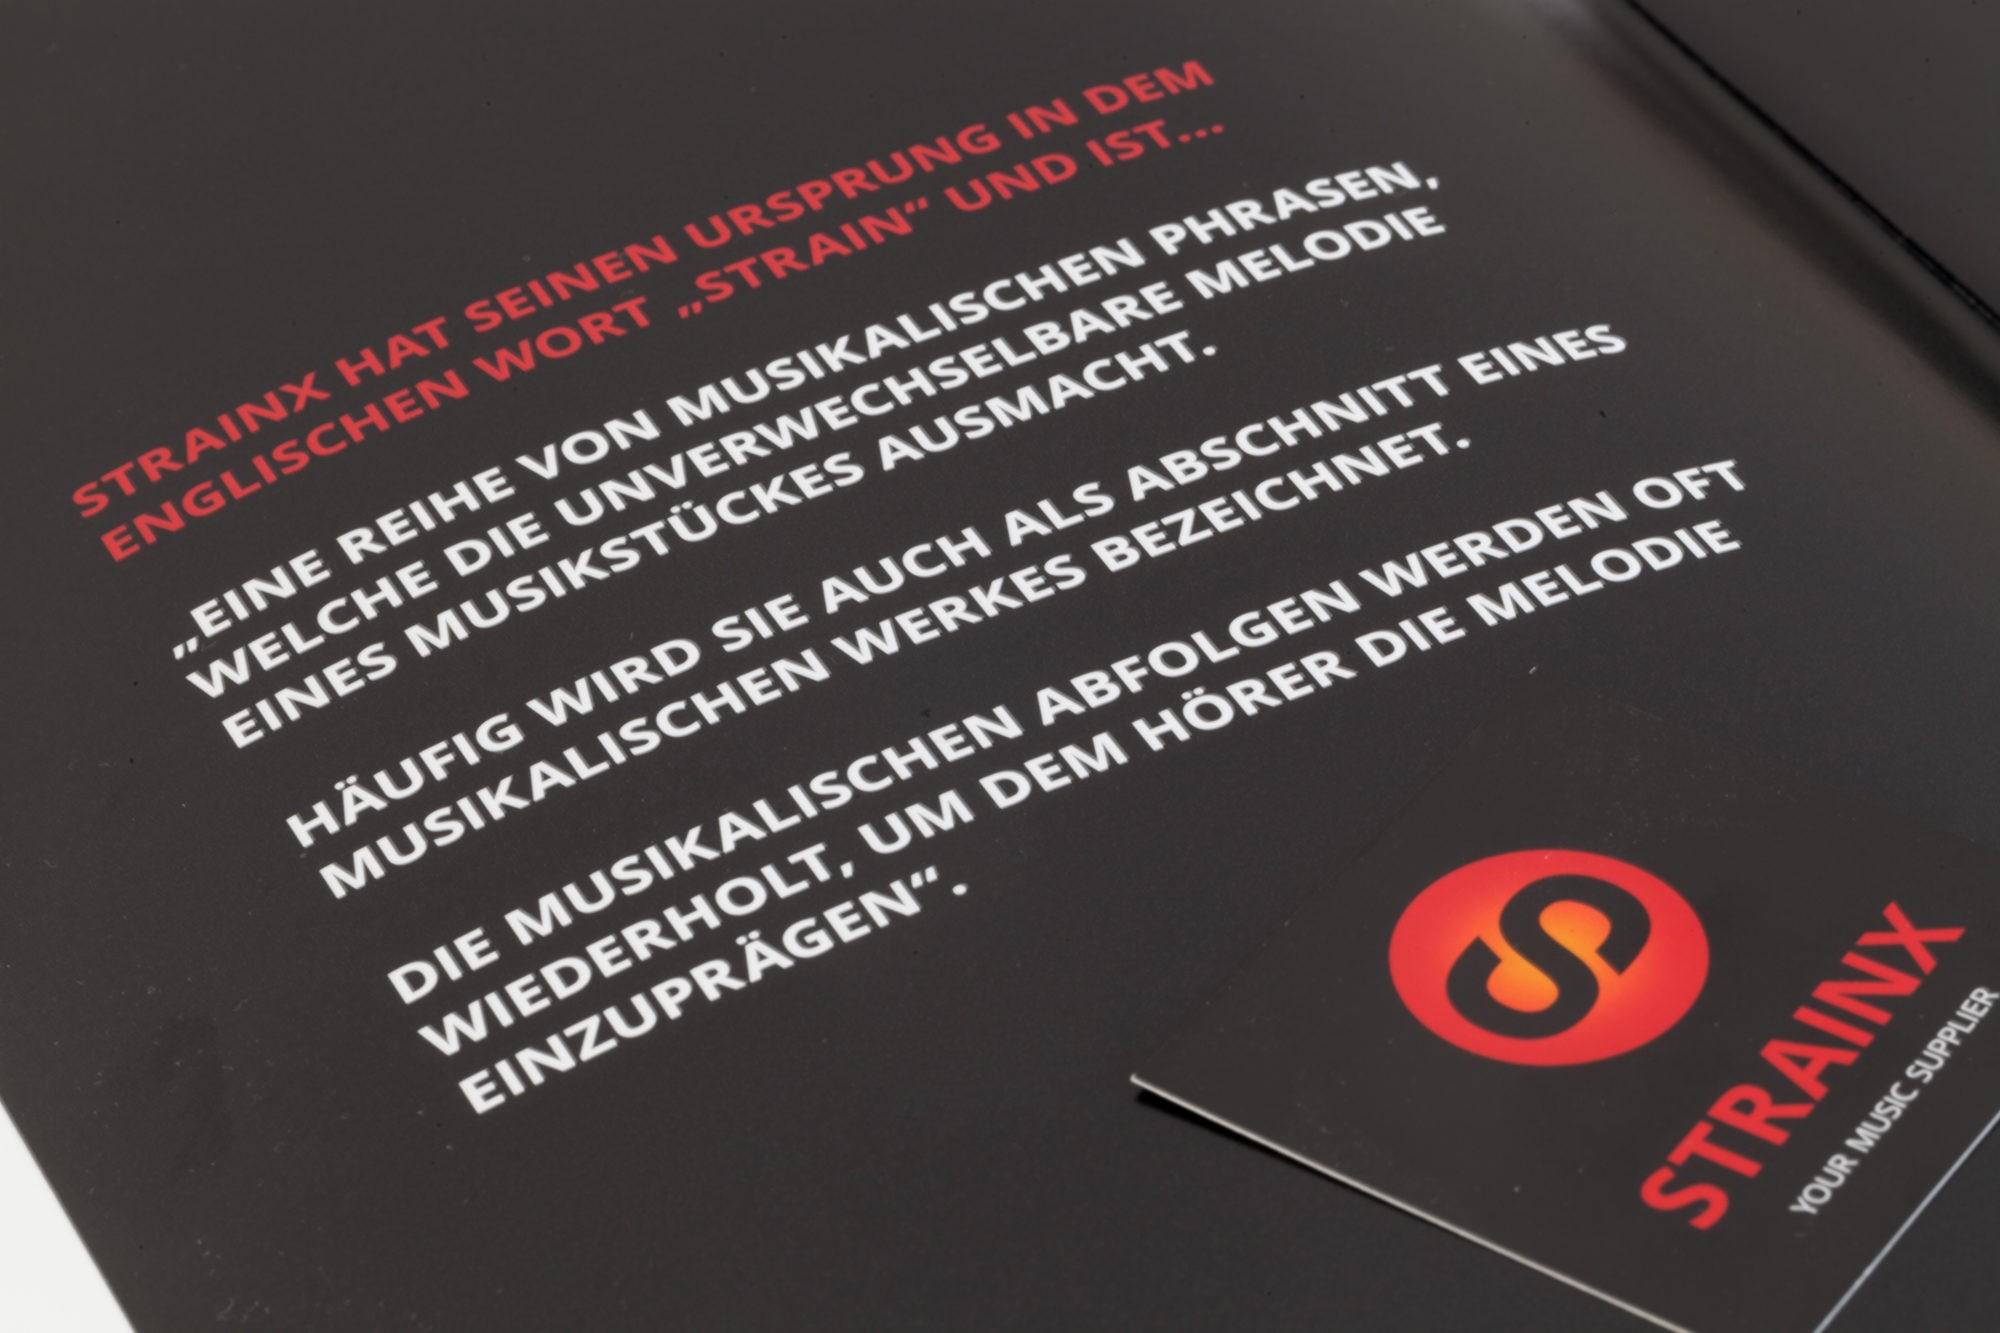 Filmprodukion, Flyer & Logo, STRAINX